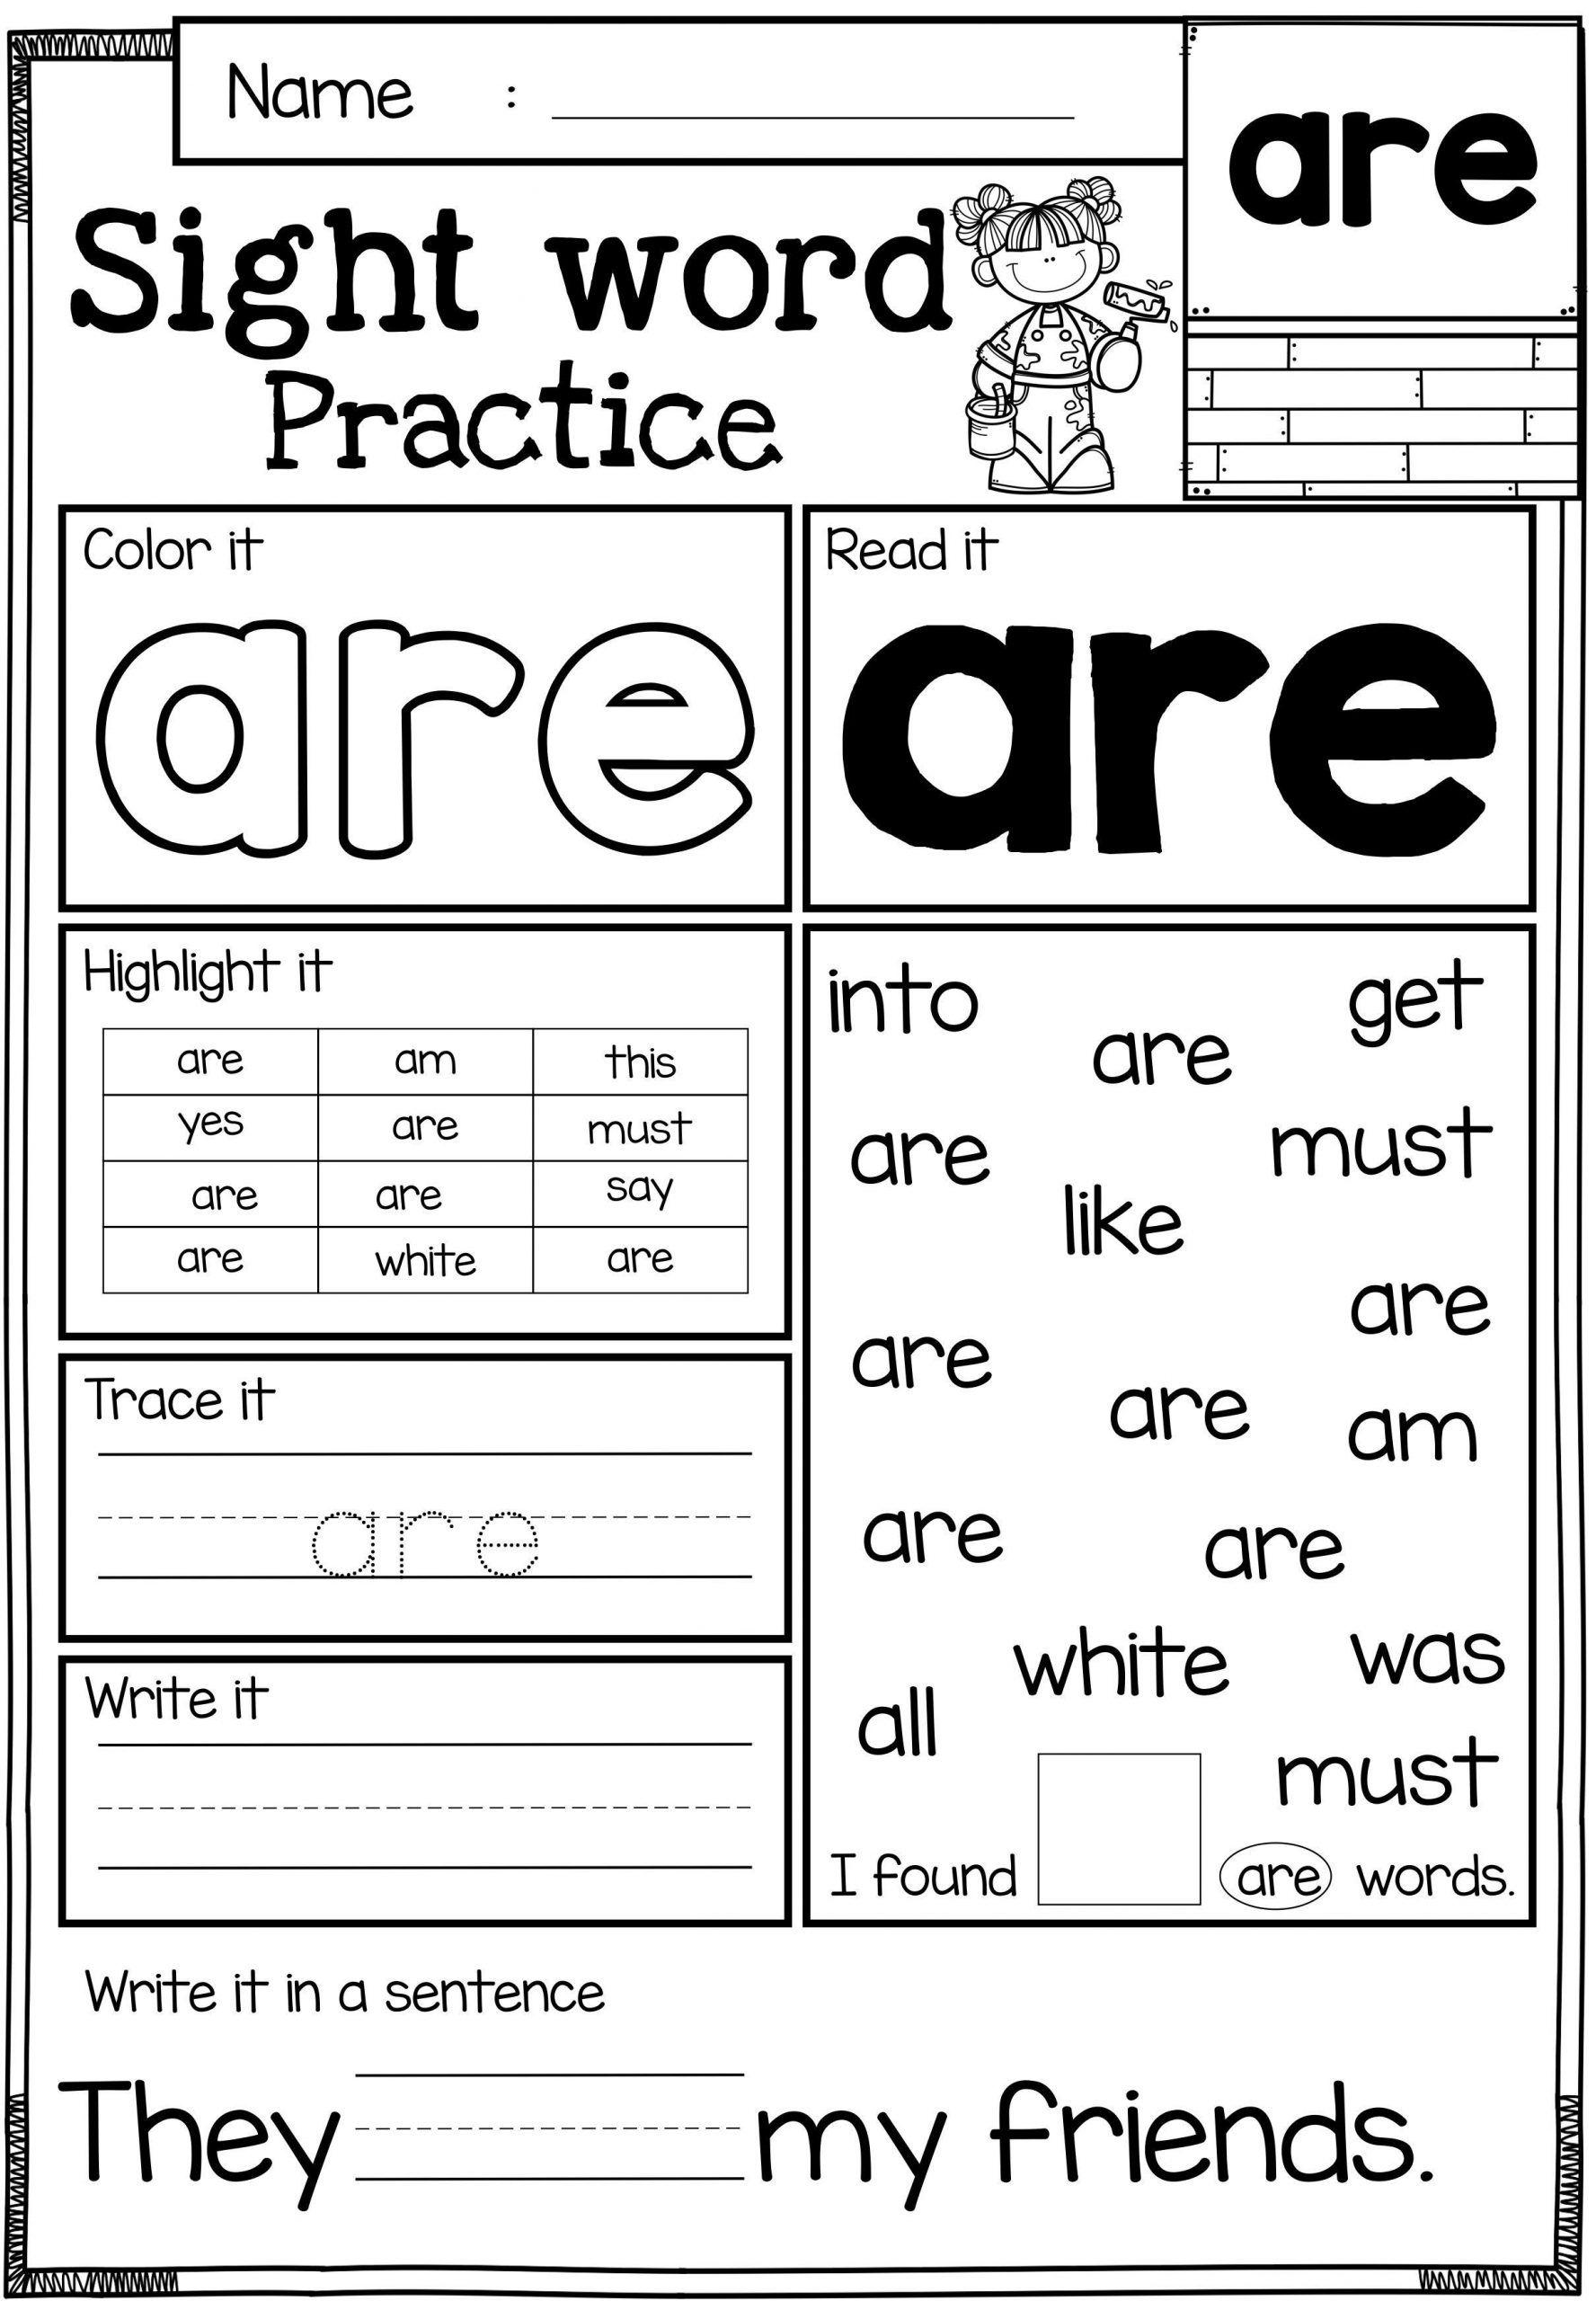 Site Words Kindergarten Worksheets In 2020 Kindergarten Worksheets Sight Words Sight Word Practice Sight Word Worksheets